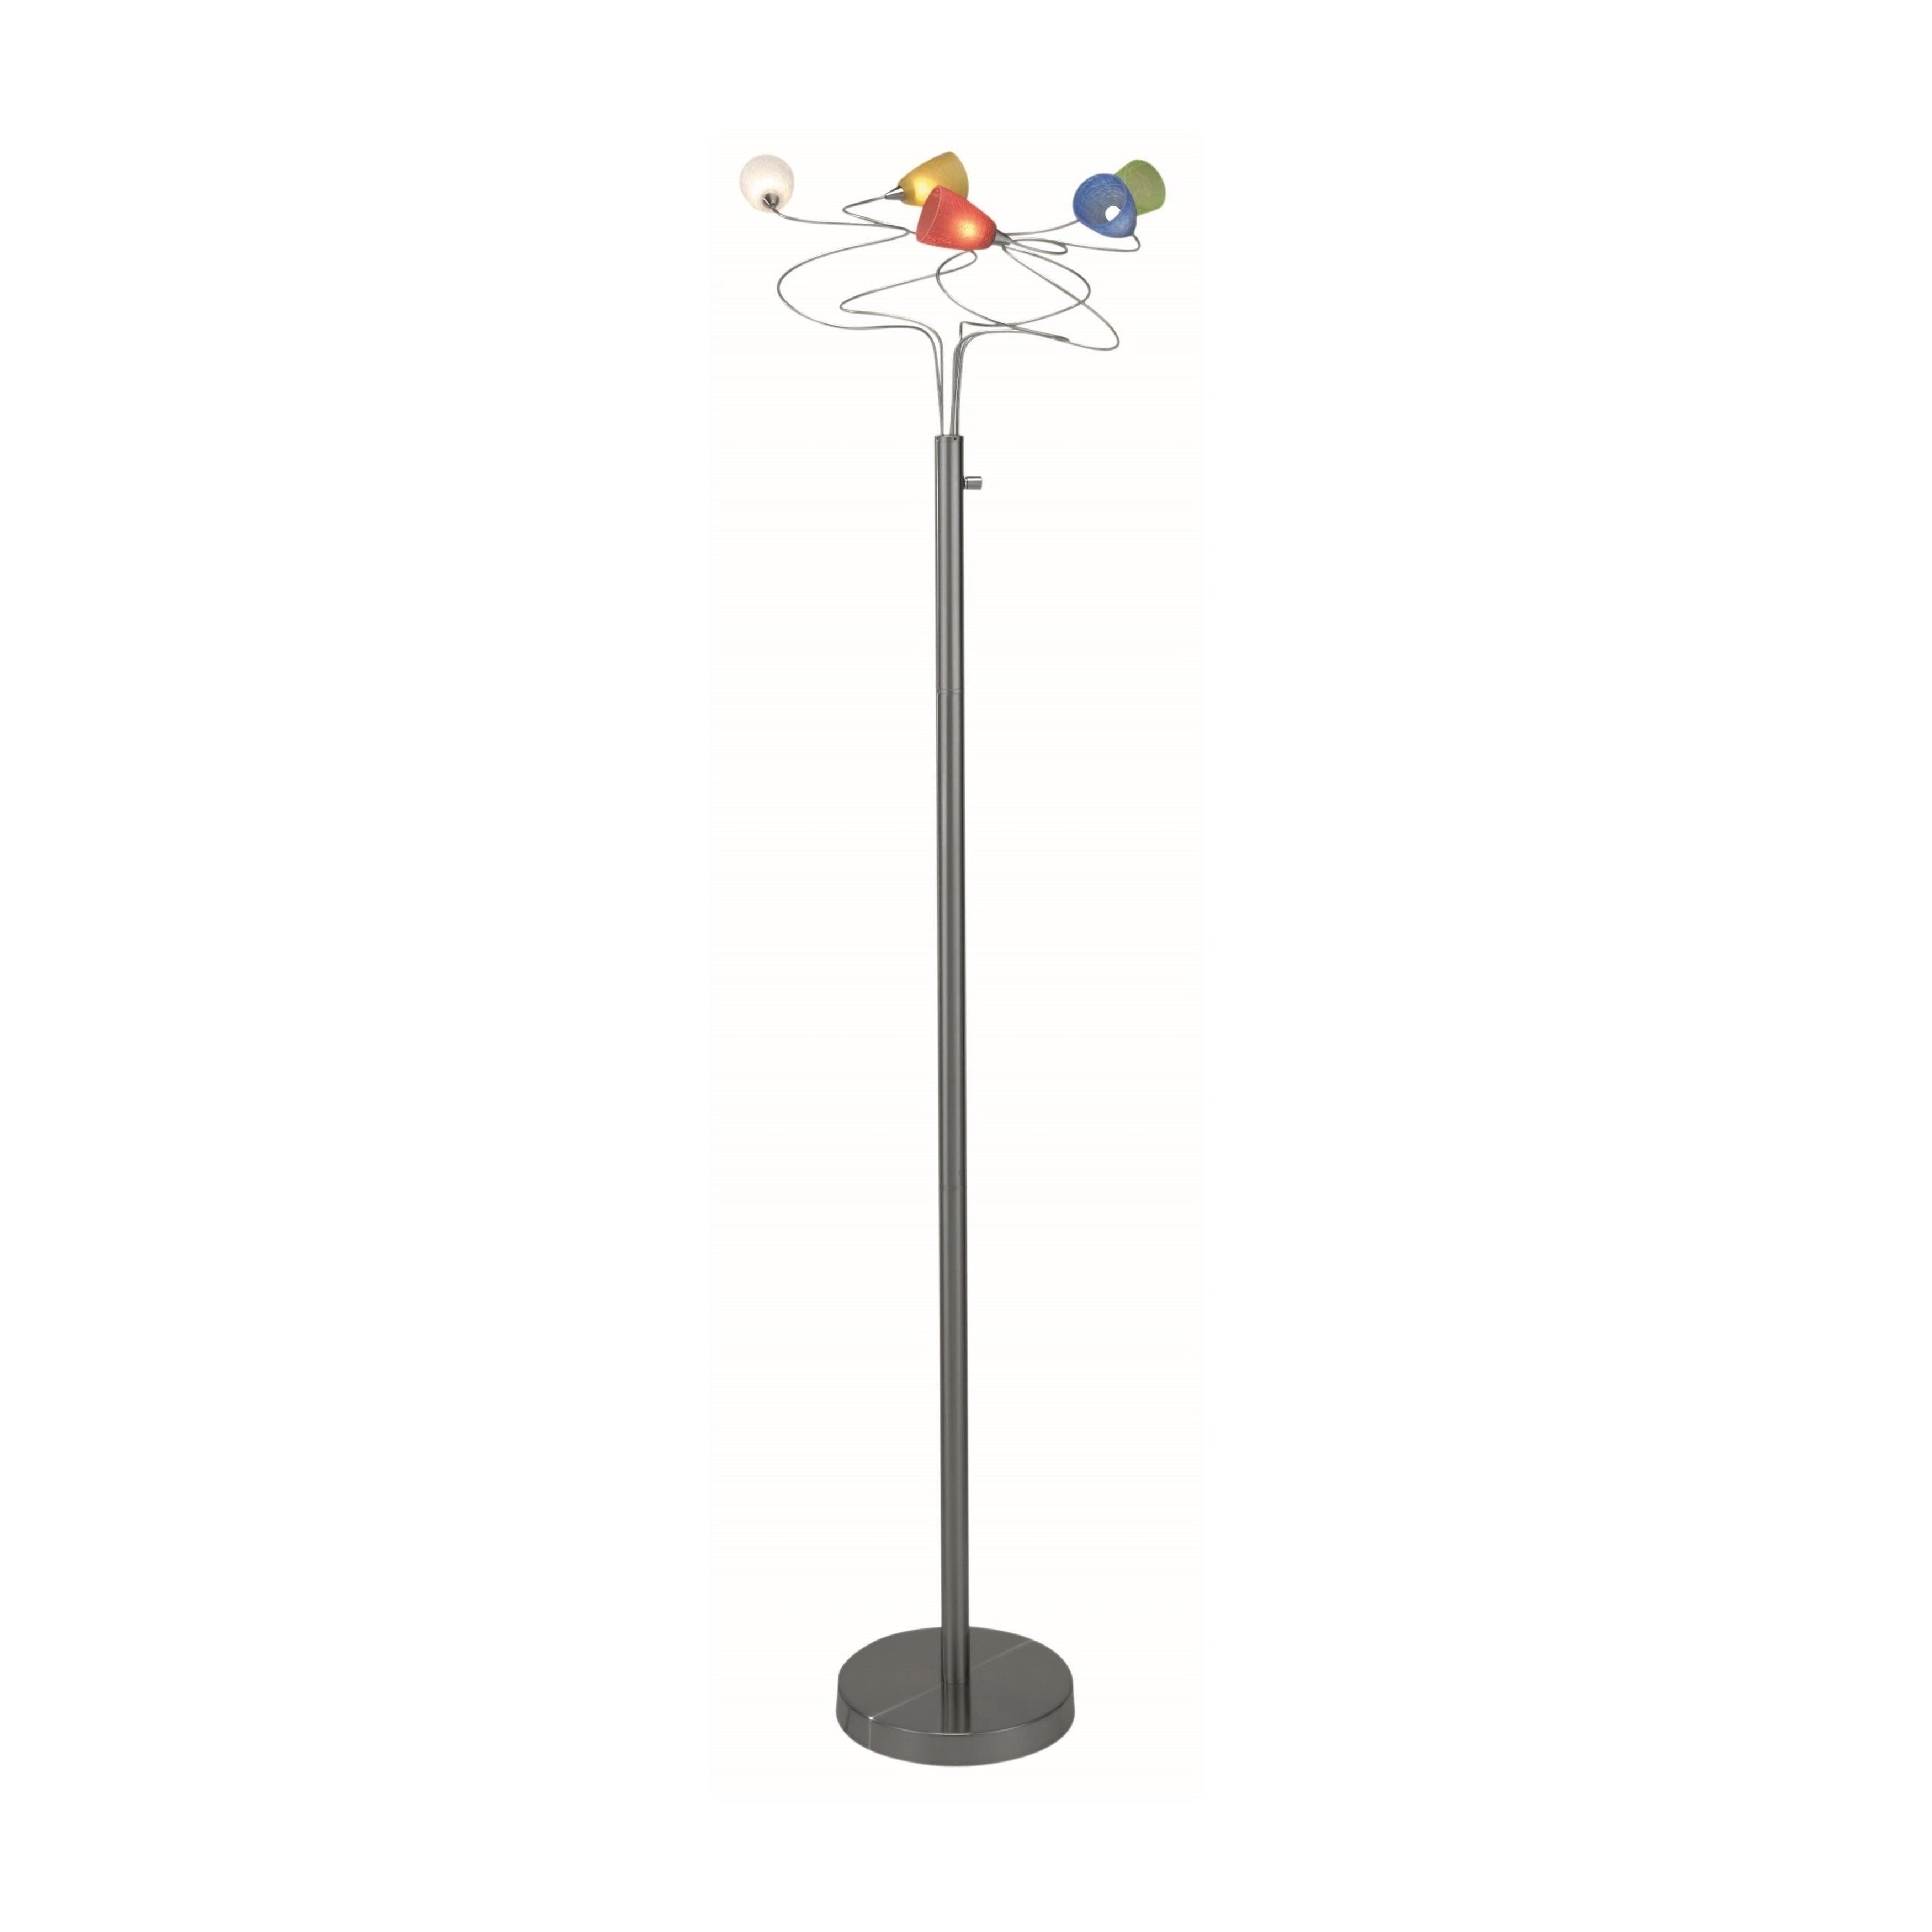 Lite Source Wiggly 5-light Floor Lamp